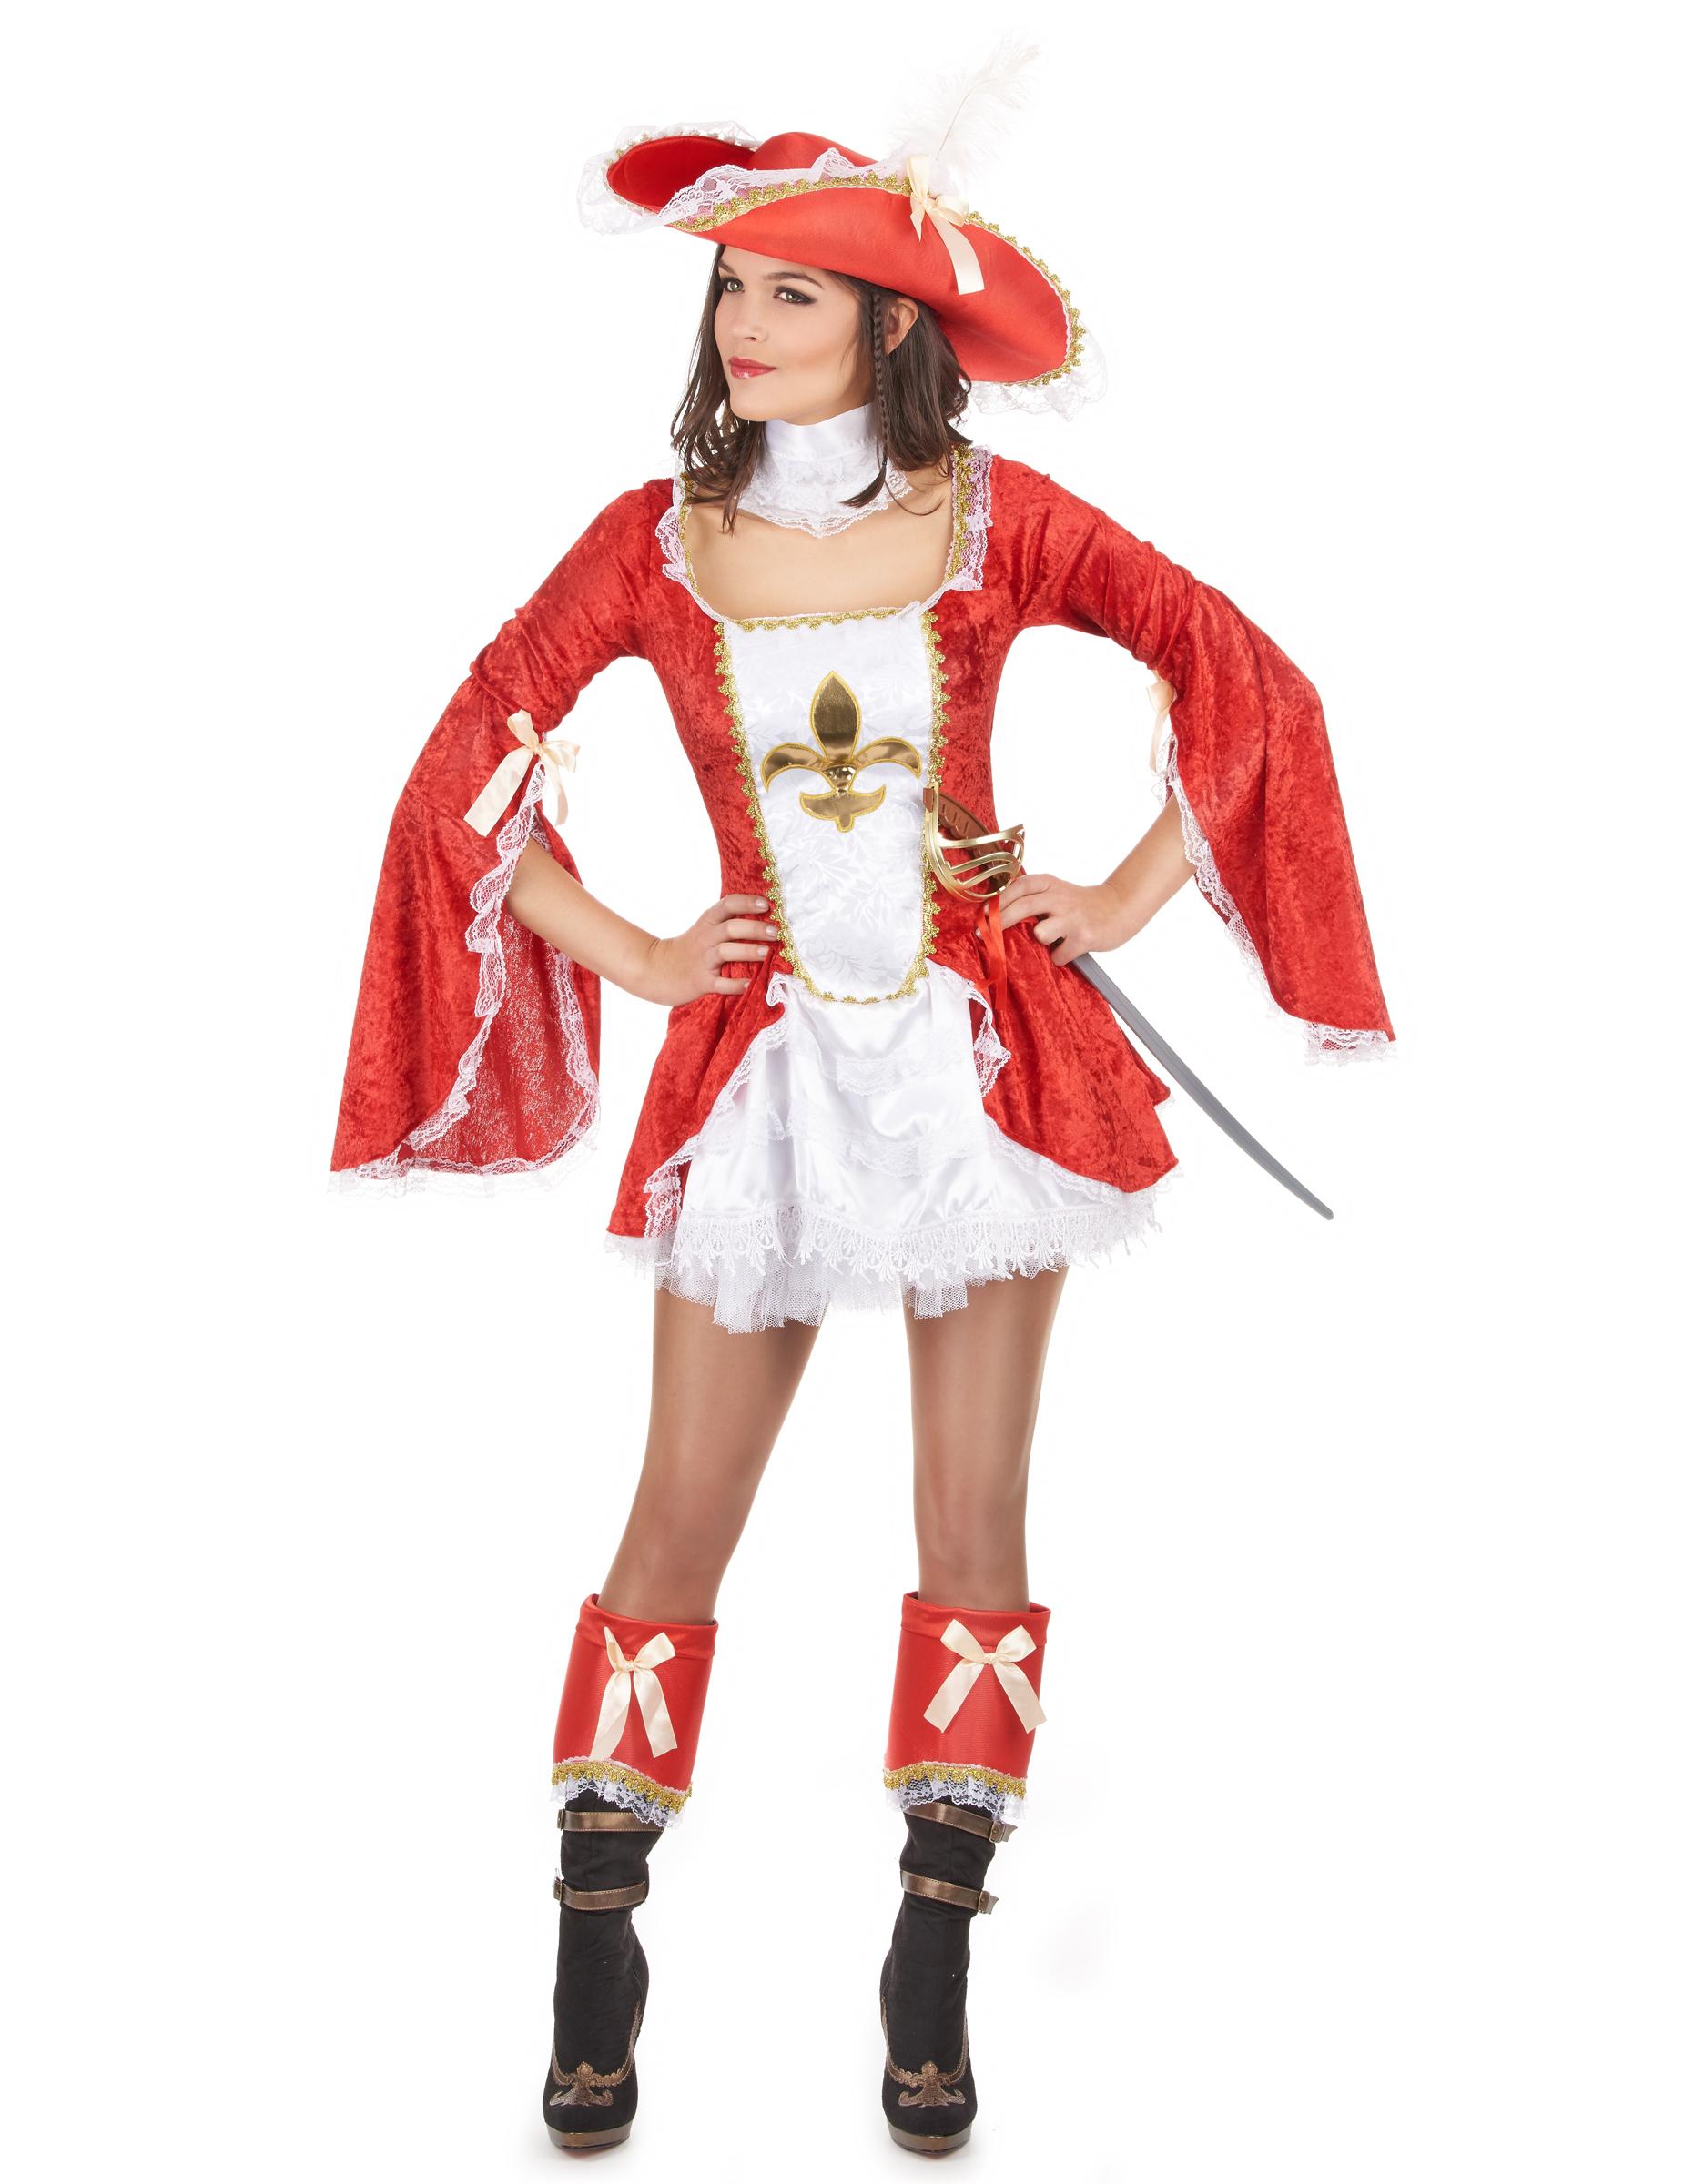 Kostüm Musketier Damen : musketier kost m f r damen kost me f r erwachsene und g nstige faschingskost me vegaoo ~ Frokenaadalensverden.com Haus und Dekorationen